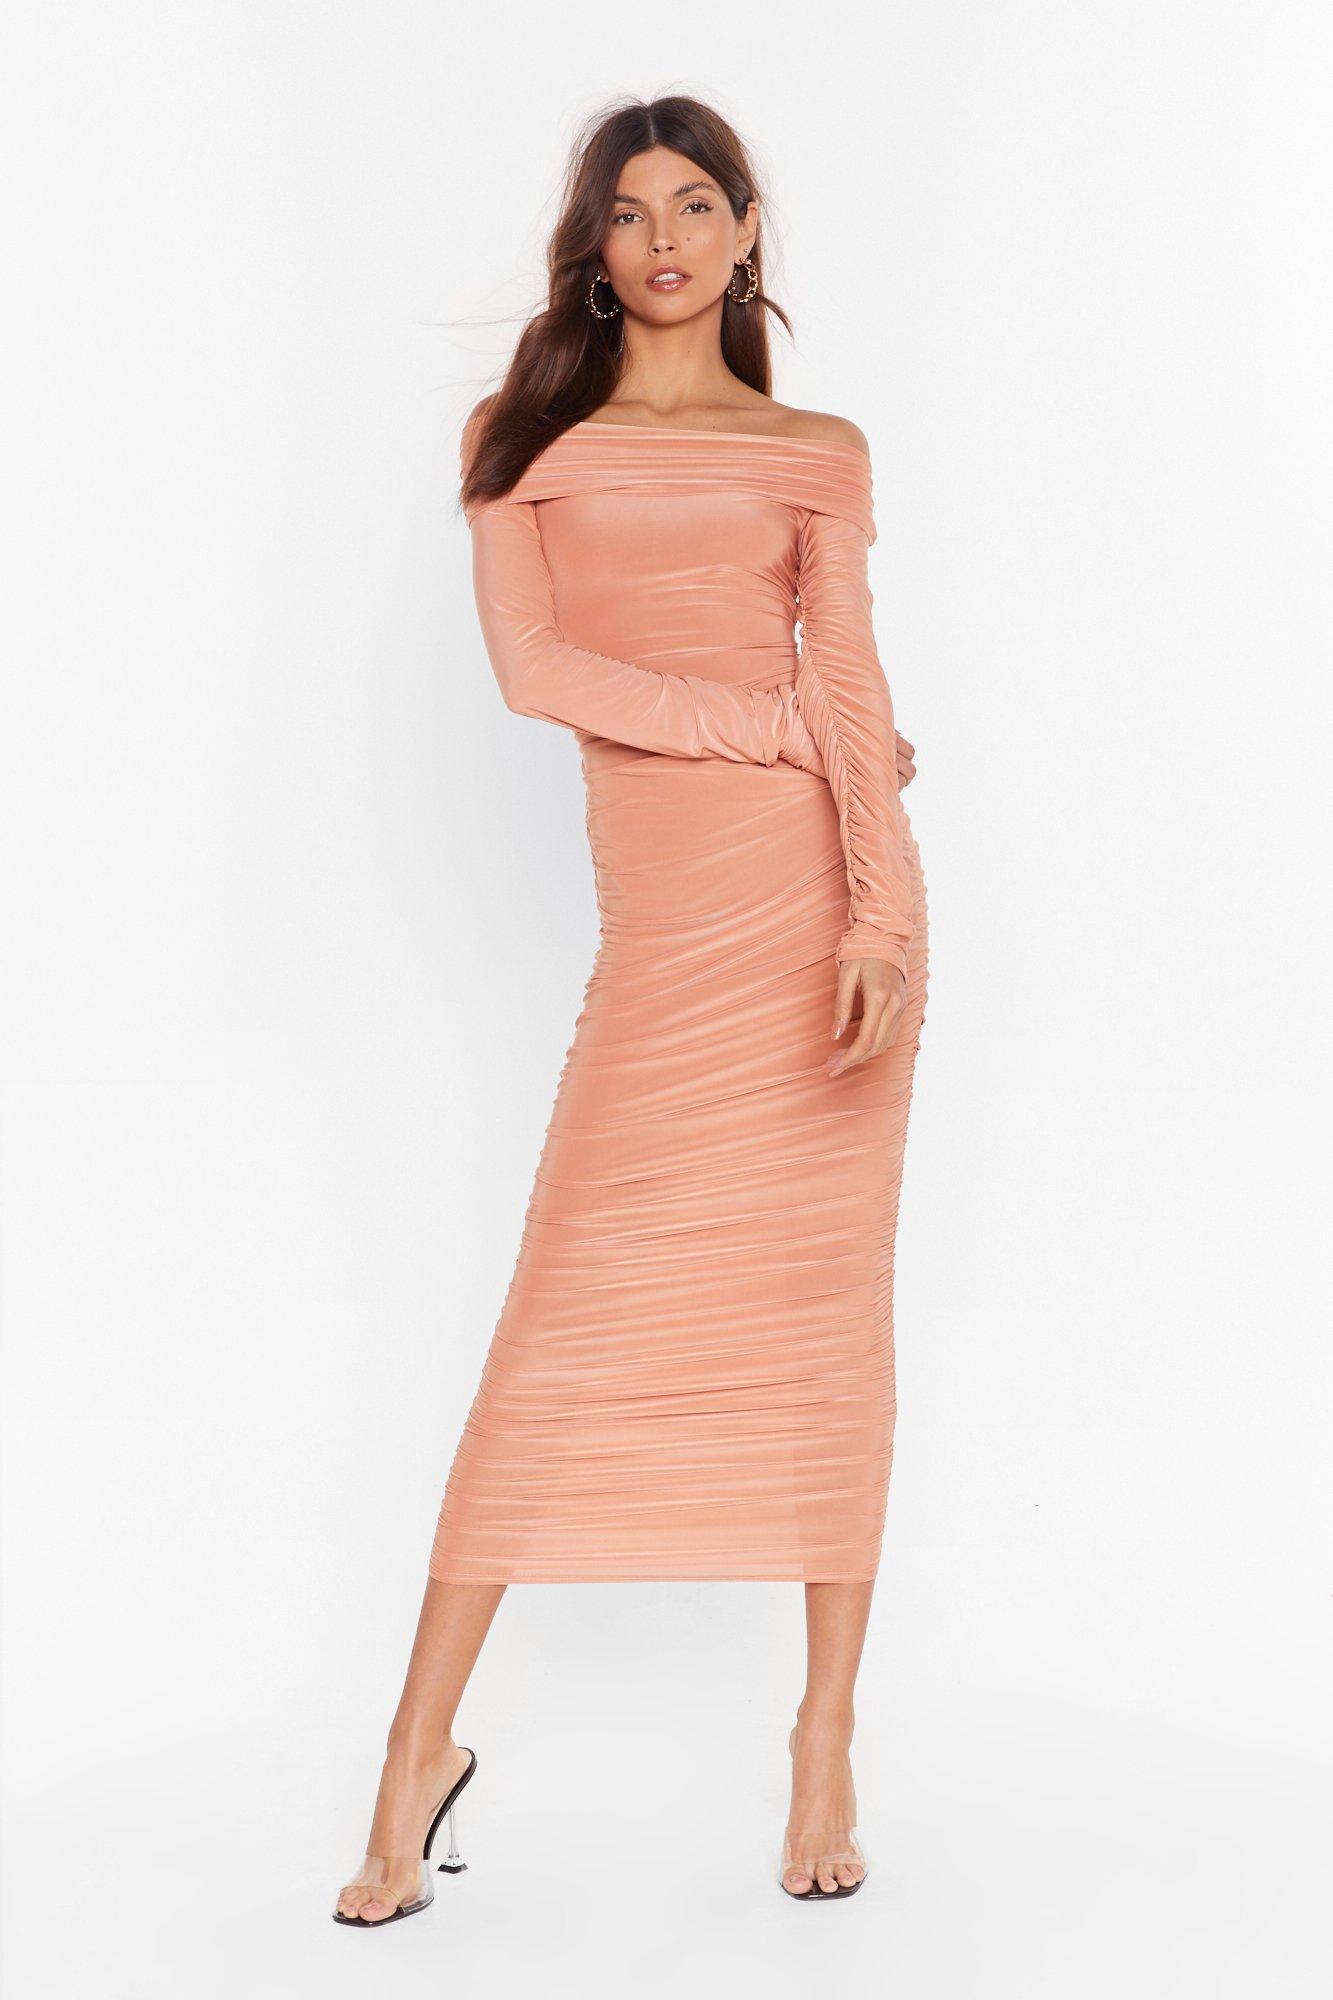 Image of Bare in Mind Ruched Off-the-Shoulder Dress